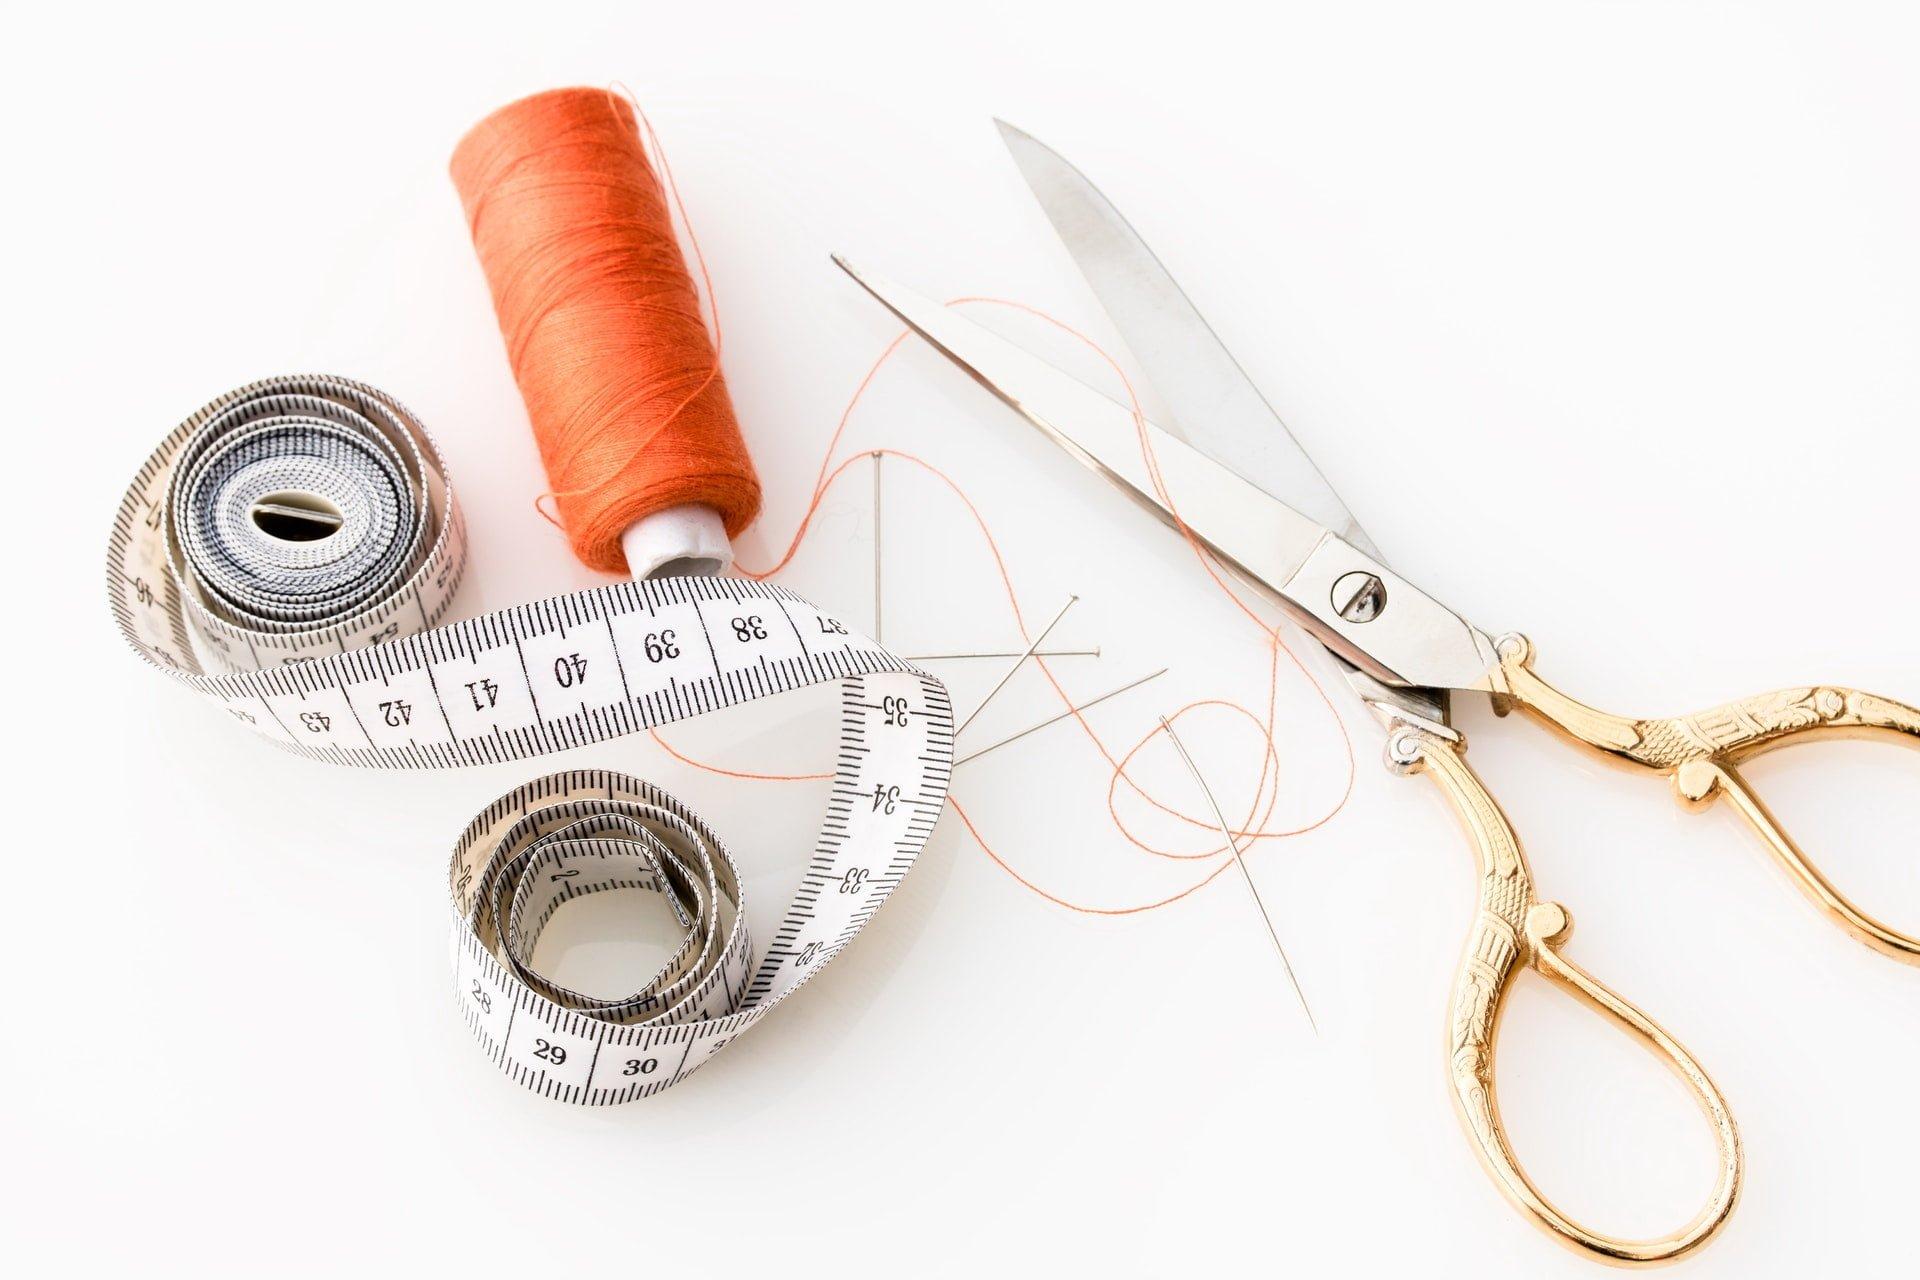 縫紉知識:在細針孔上增加穿線成功率的小技巧